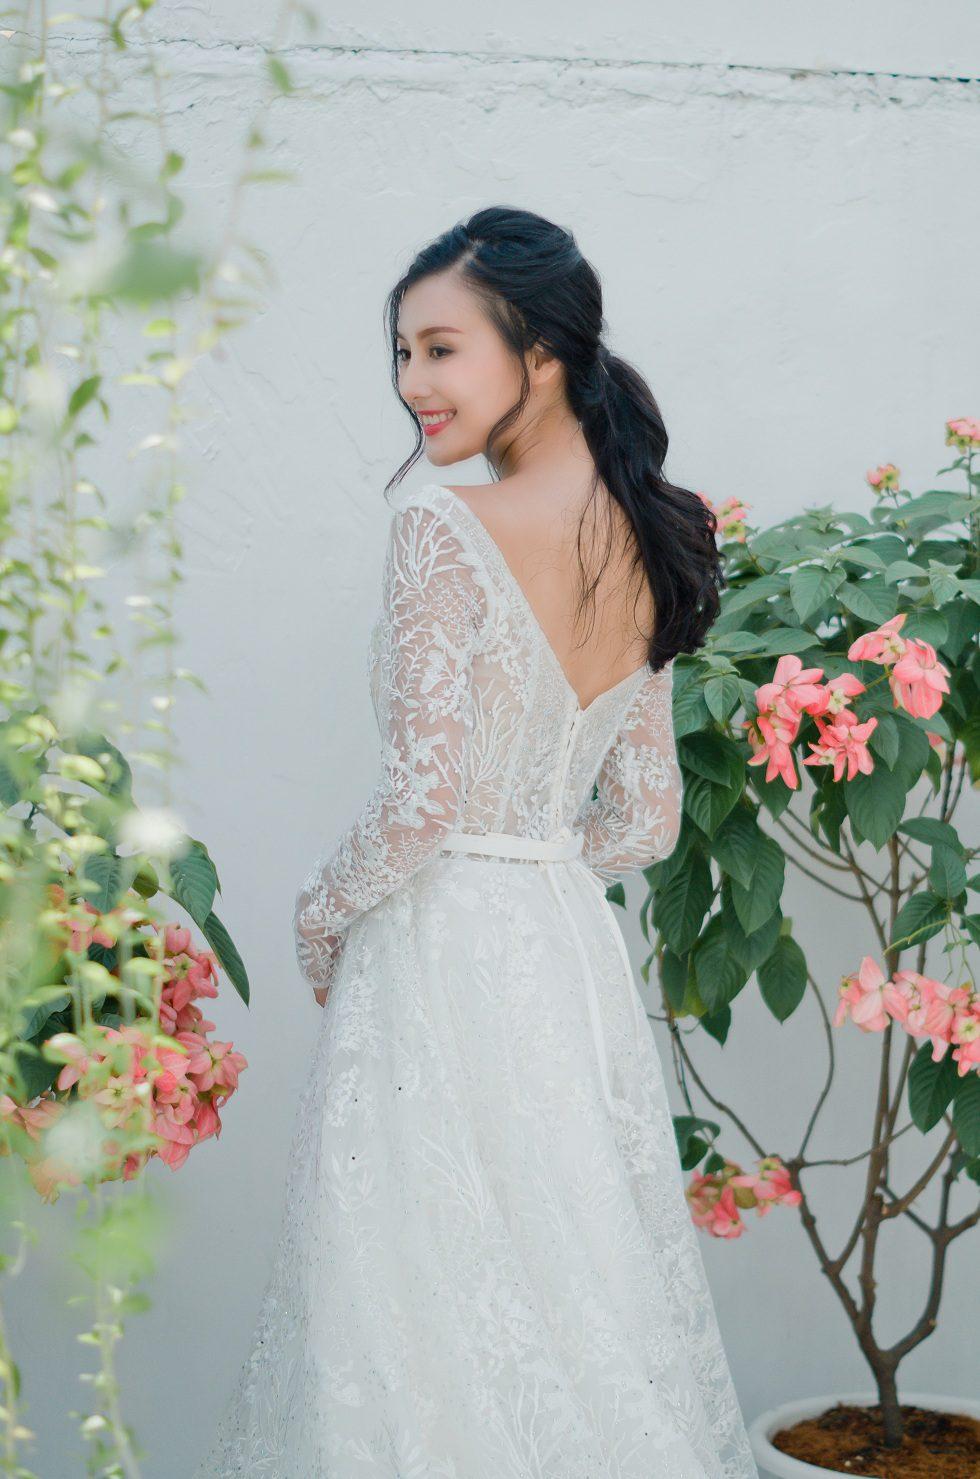 áo cưới phom A tay dài màu trắng kem